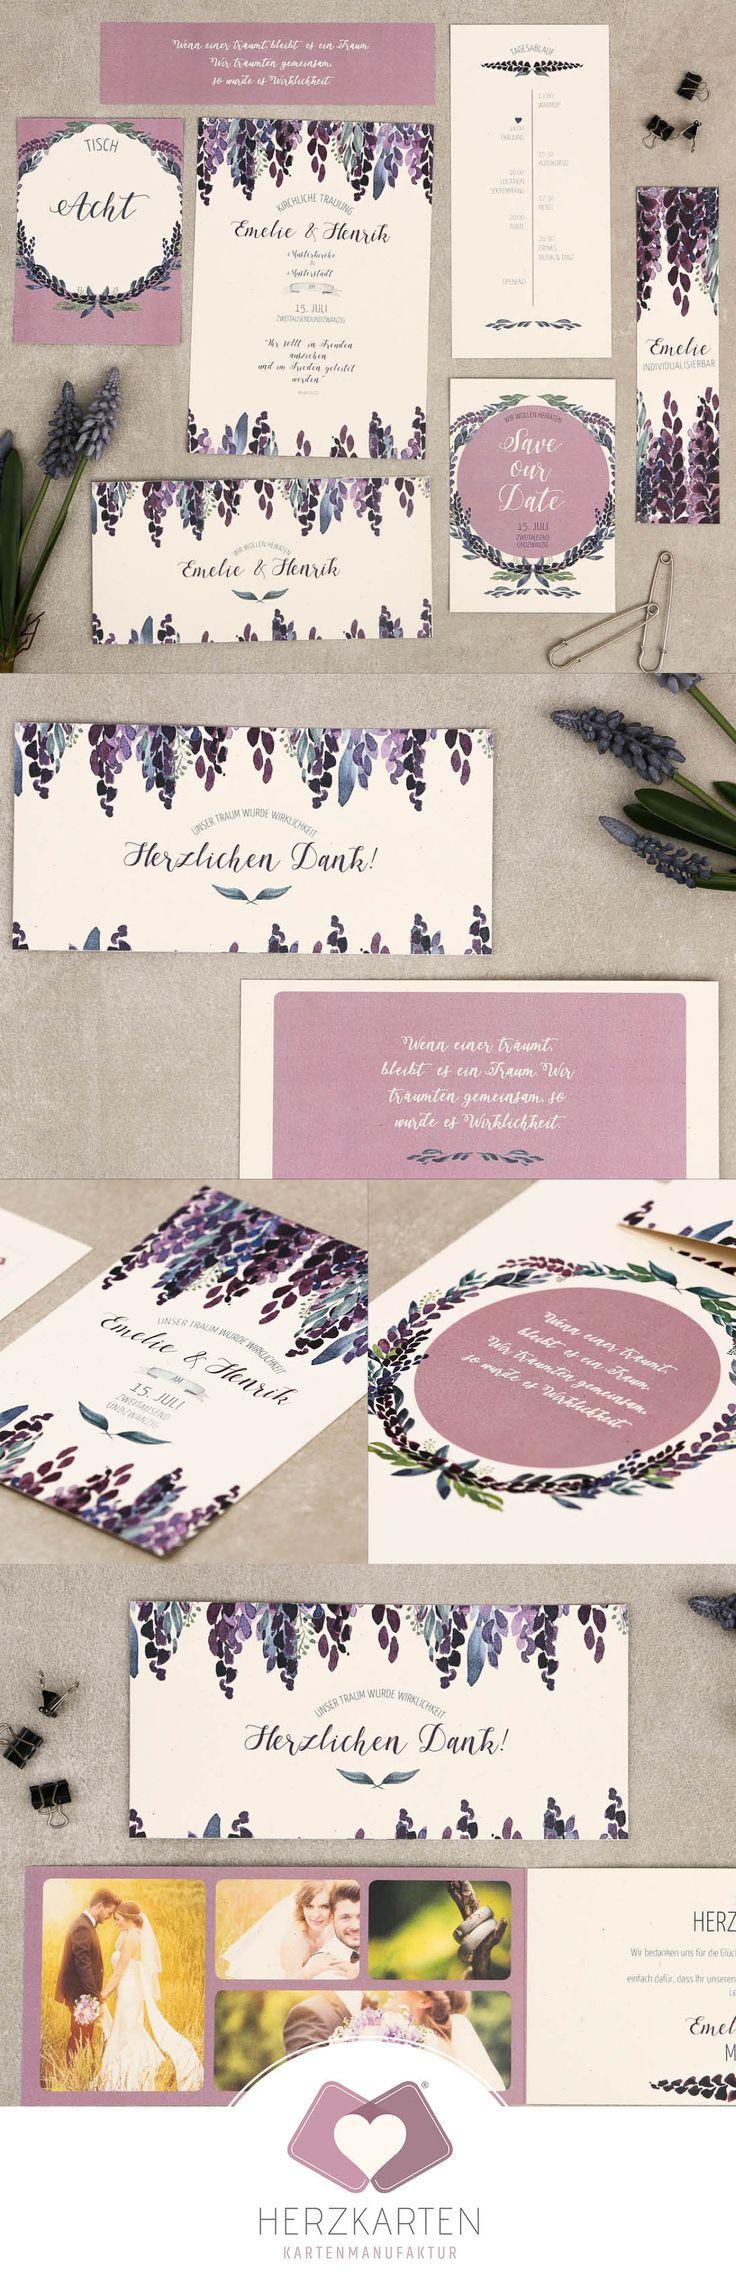 Das handgemalte Aquarell-Design mit der Danksagung besteht aus wunderschönen Lavendel-Elementen und findet auf Naturpapier seinen perfekten Platz. #purple #watercolor #papeterie #herzkarten #hochzeit #handgemalt #hochzeitskarte #lavendel #lila #vintage #kraftpapier #naturpapier